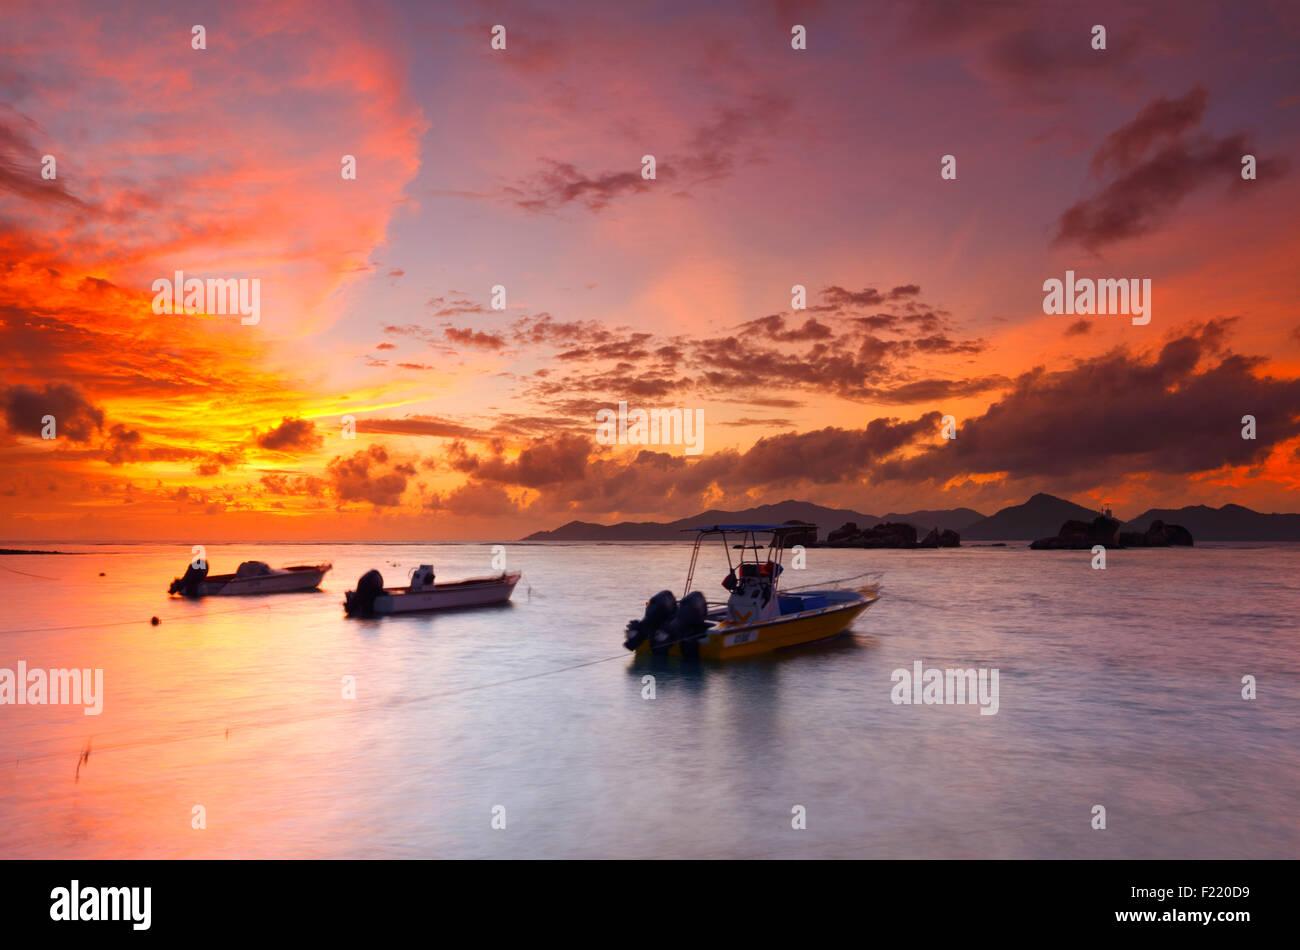 Farbenprächtigen Sonnenuntergang auf den Seychellen mit einem schönen Wolken. Insel La Digue. Stockbild